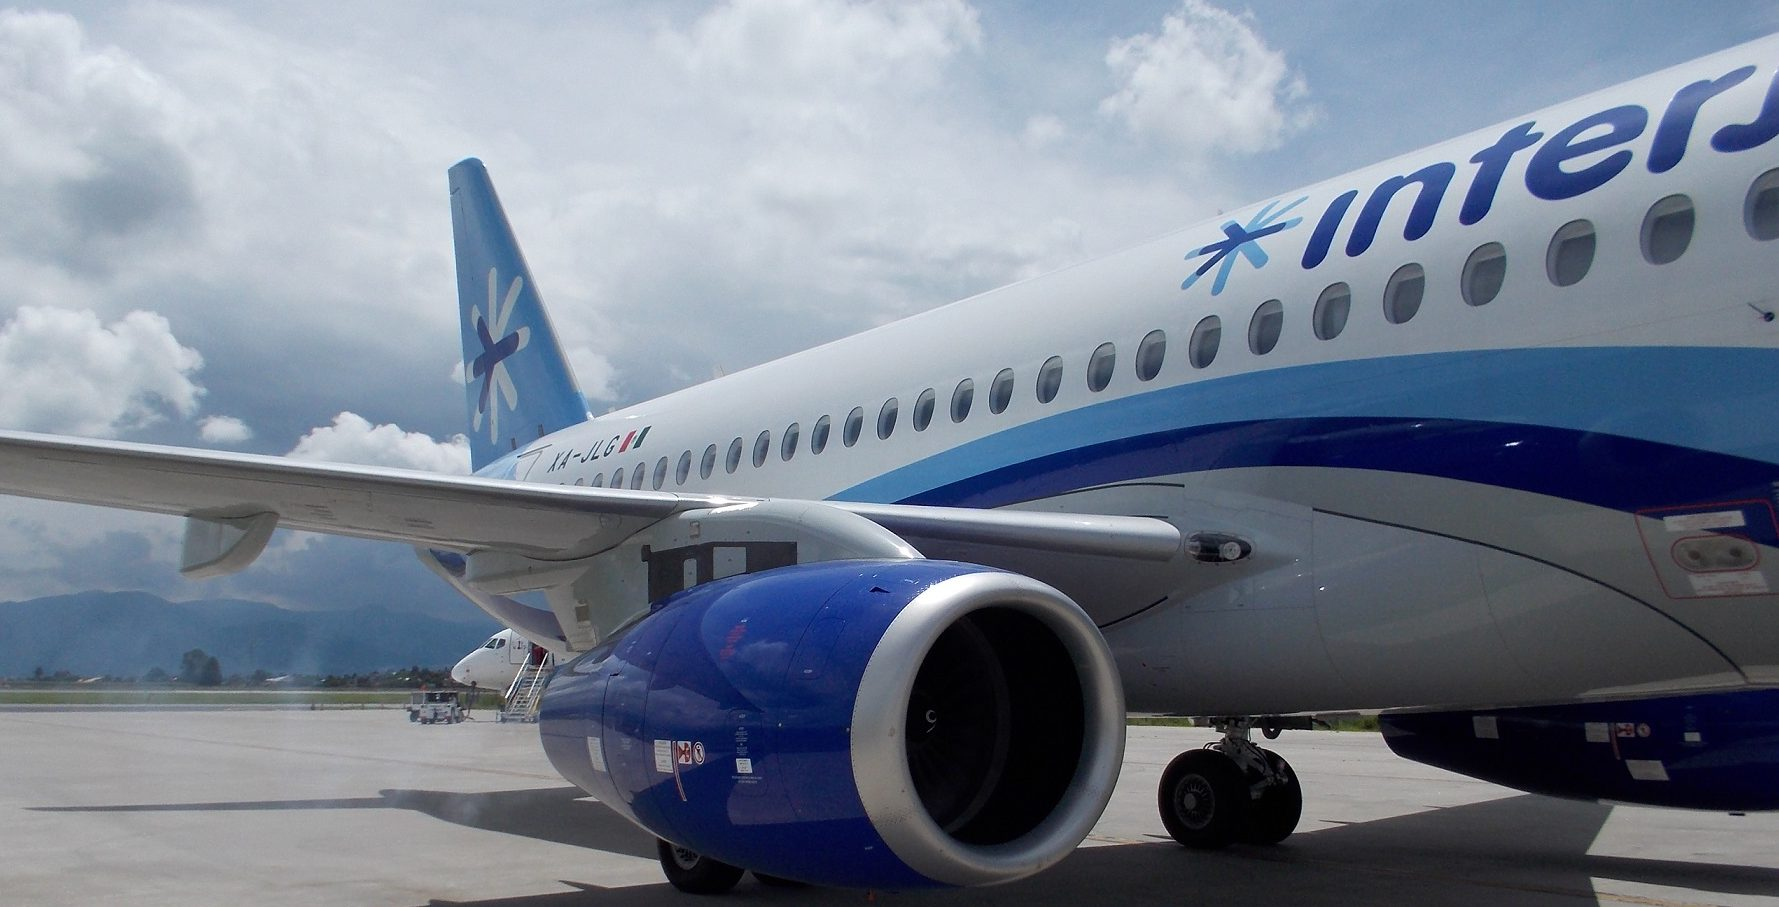 Vuelve Interjet a operar con Sukhoi